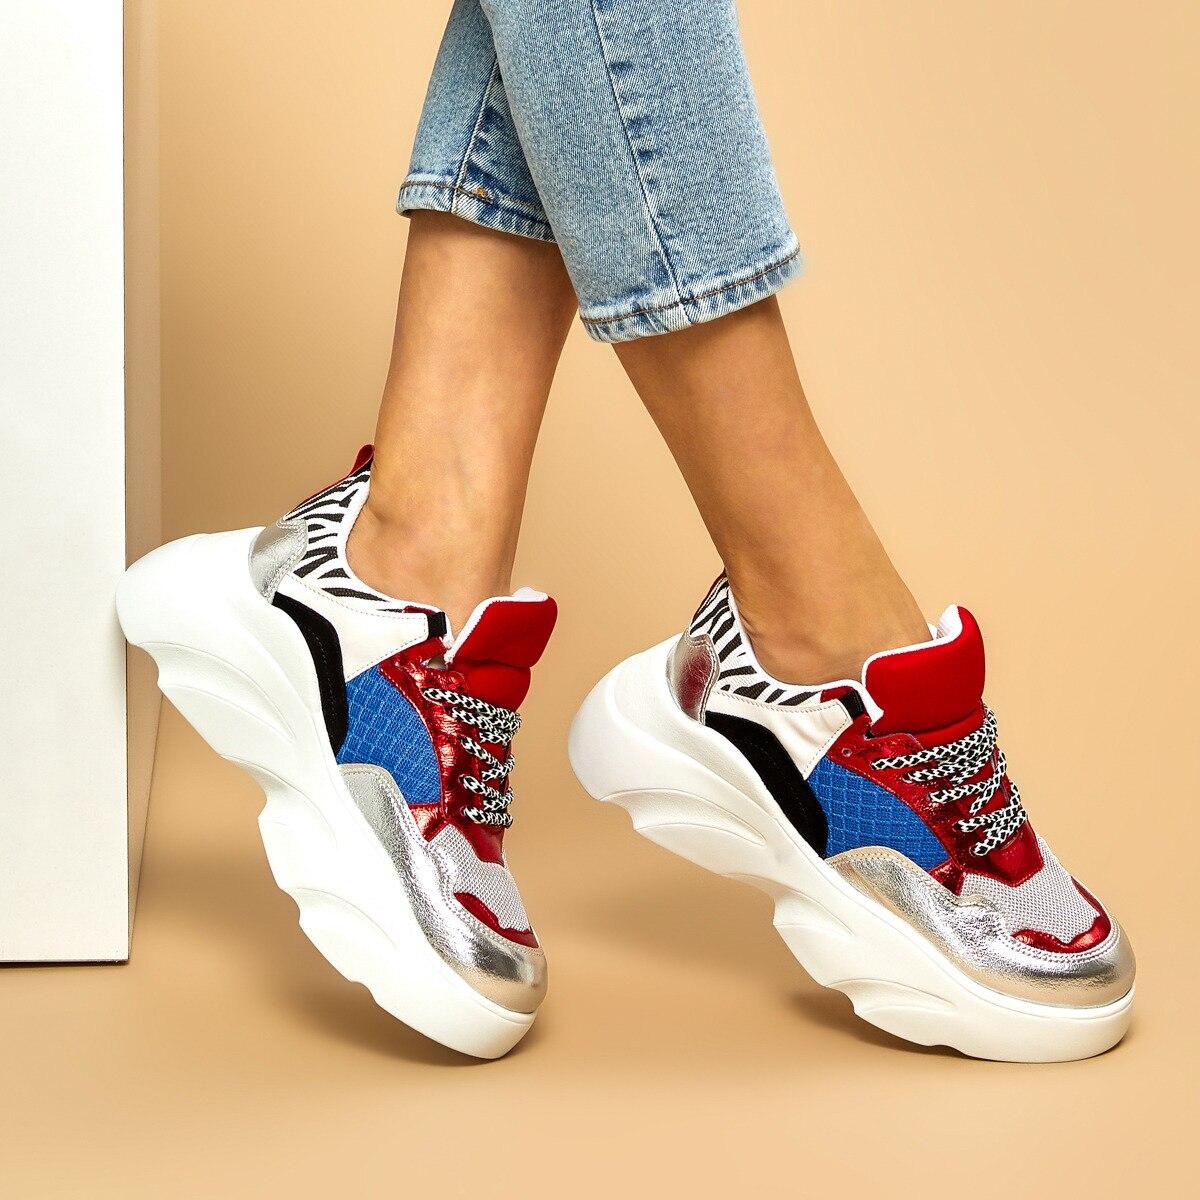 FLO FERRO Gray Women 'S Sneaker BUTIGO